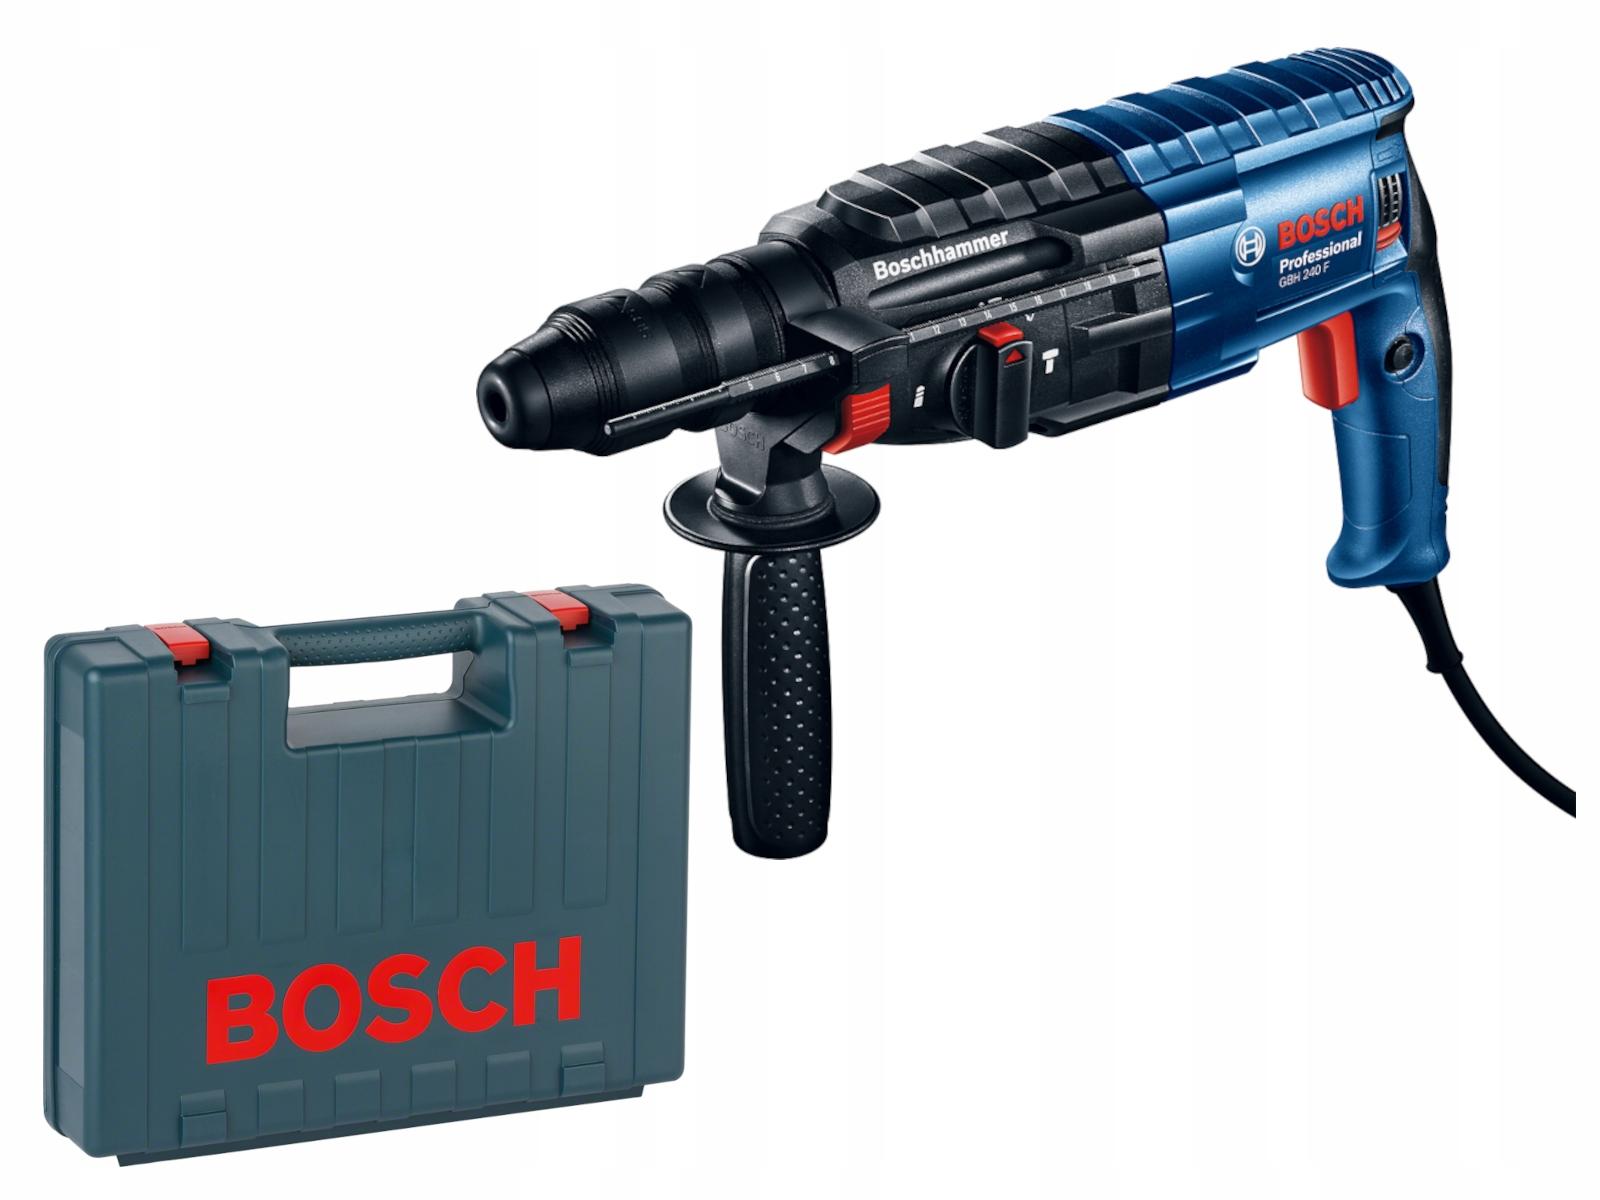 Bosch Młot udarowo-obrotowy z uchwytem GBH 240